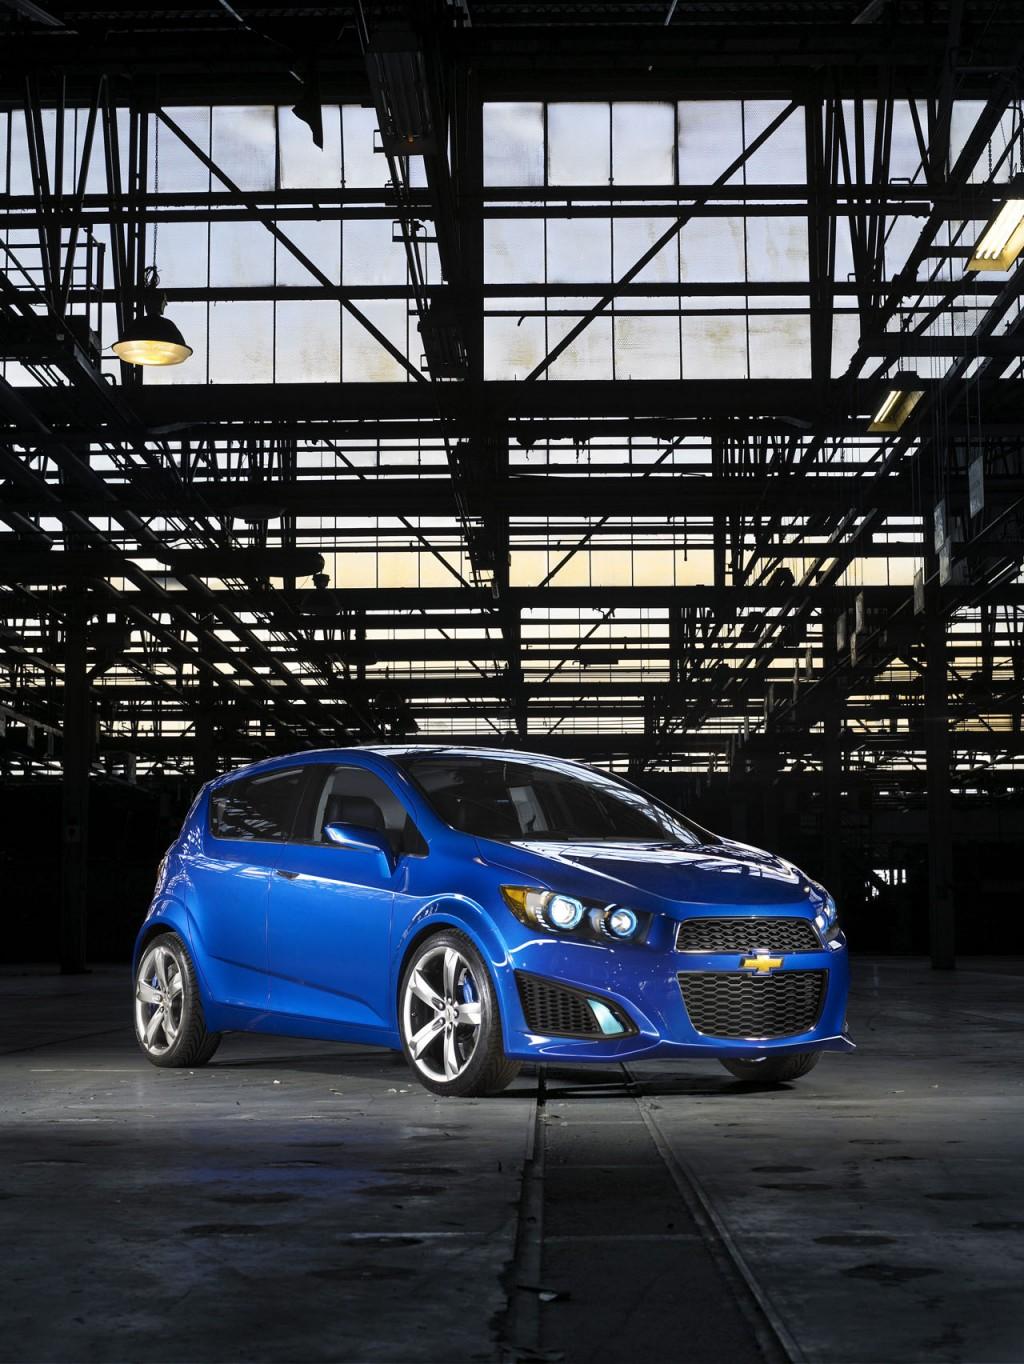 2011 Chevrolet Aveo (RS Concept, 2010 Detroit Auto Show)